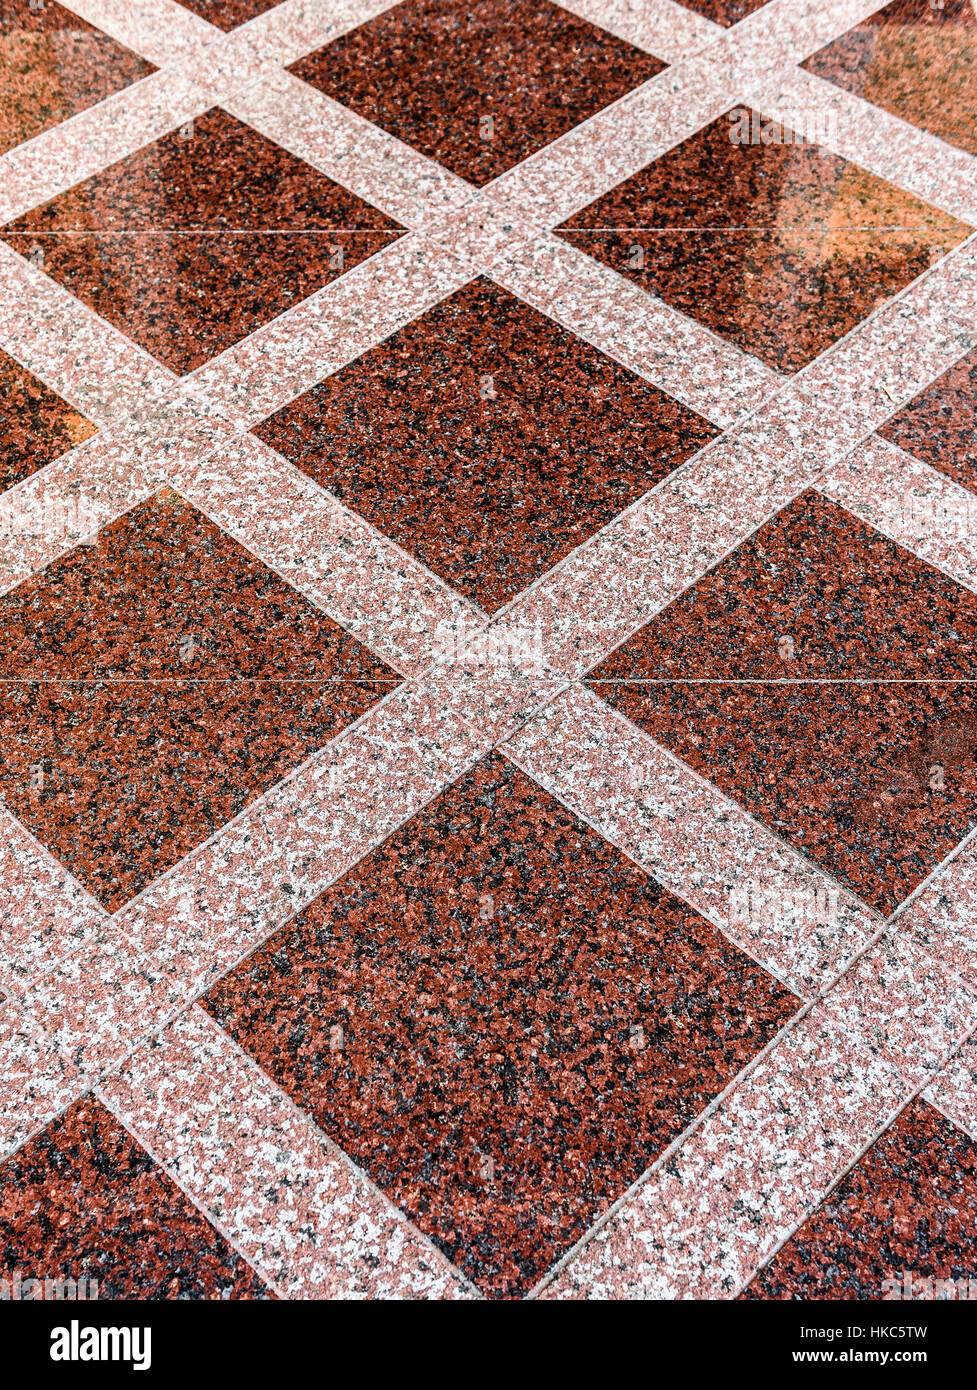 Marmor Oder Granit Bodenplatten Fur Aussen Belag Bodenbelag